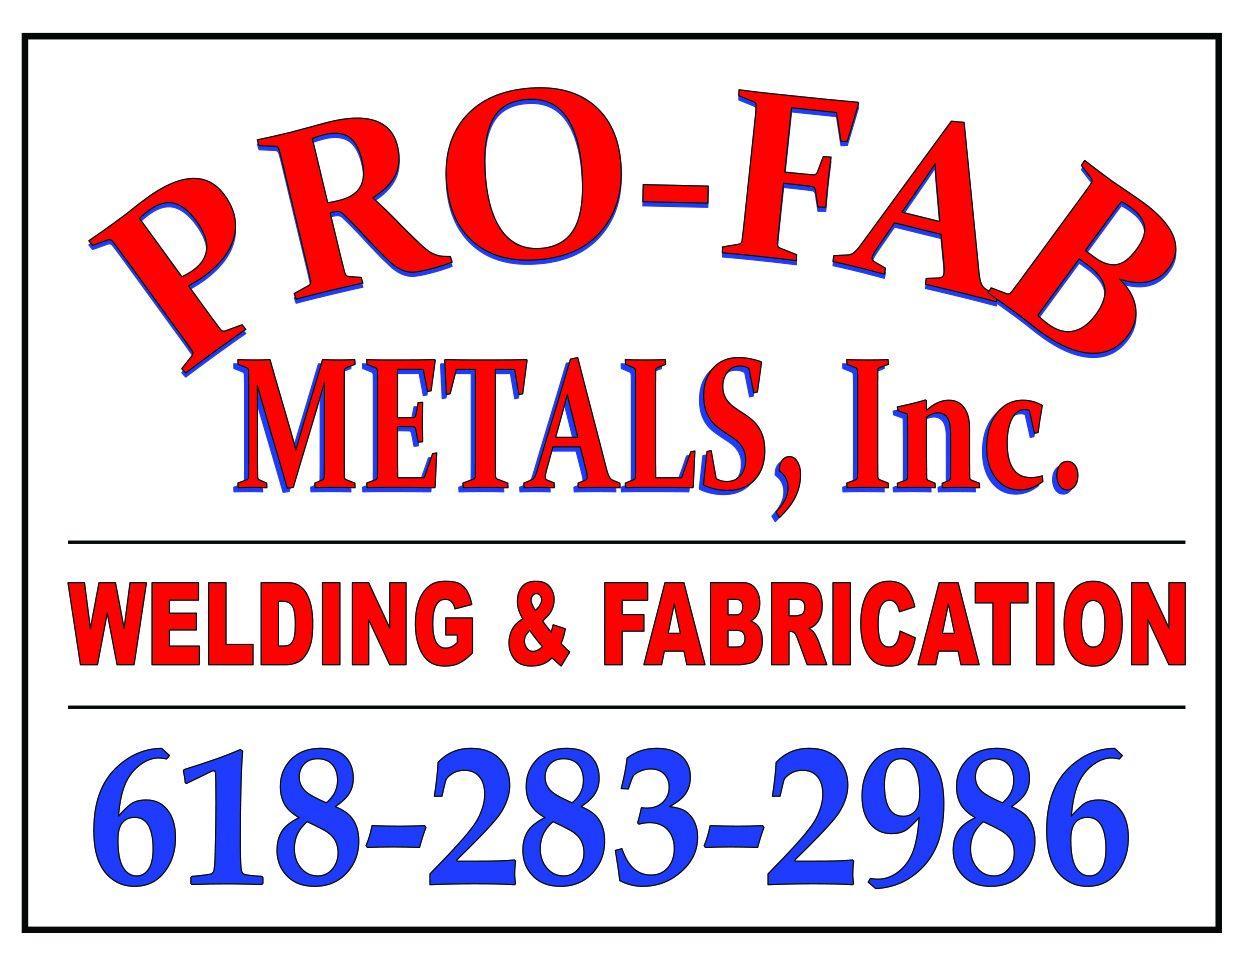 Pro Fab Metals